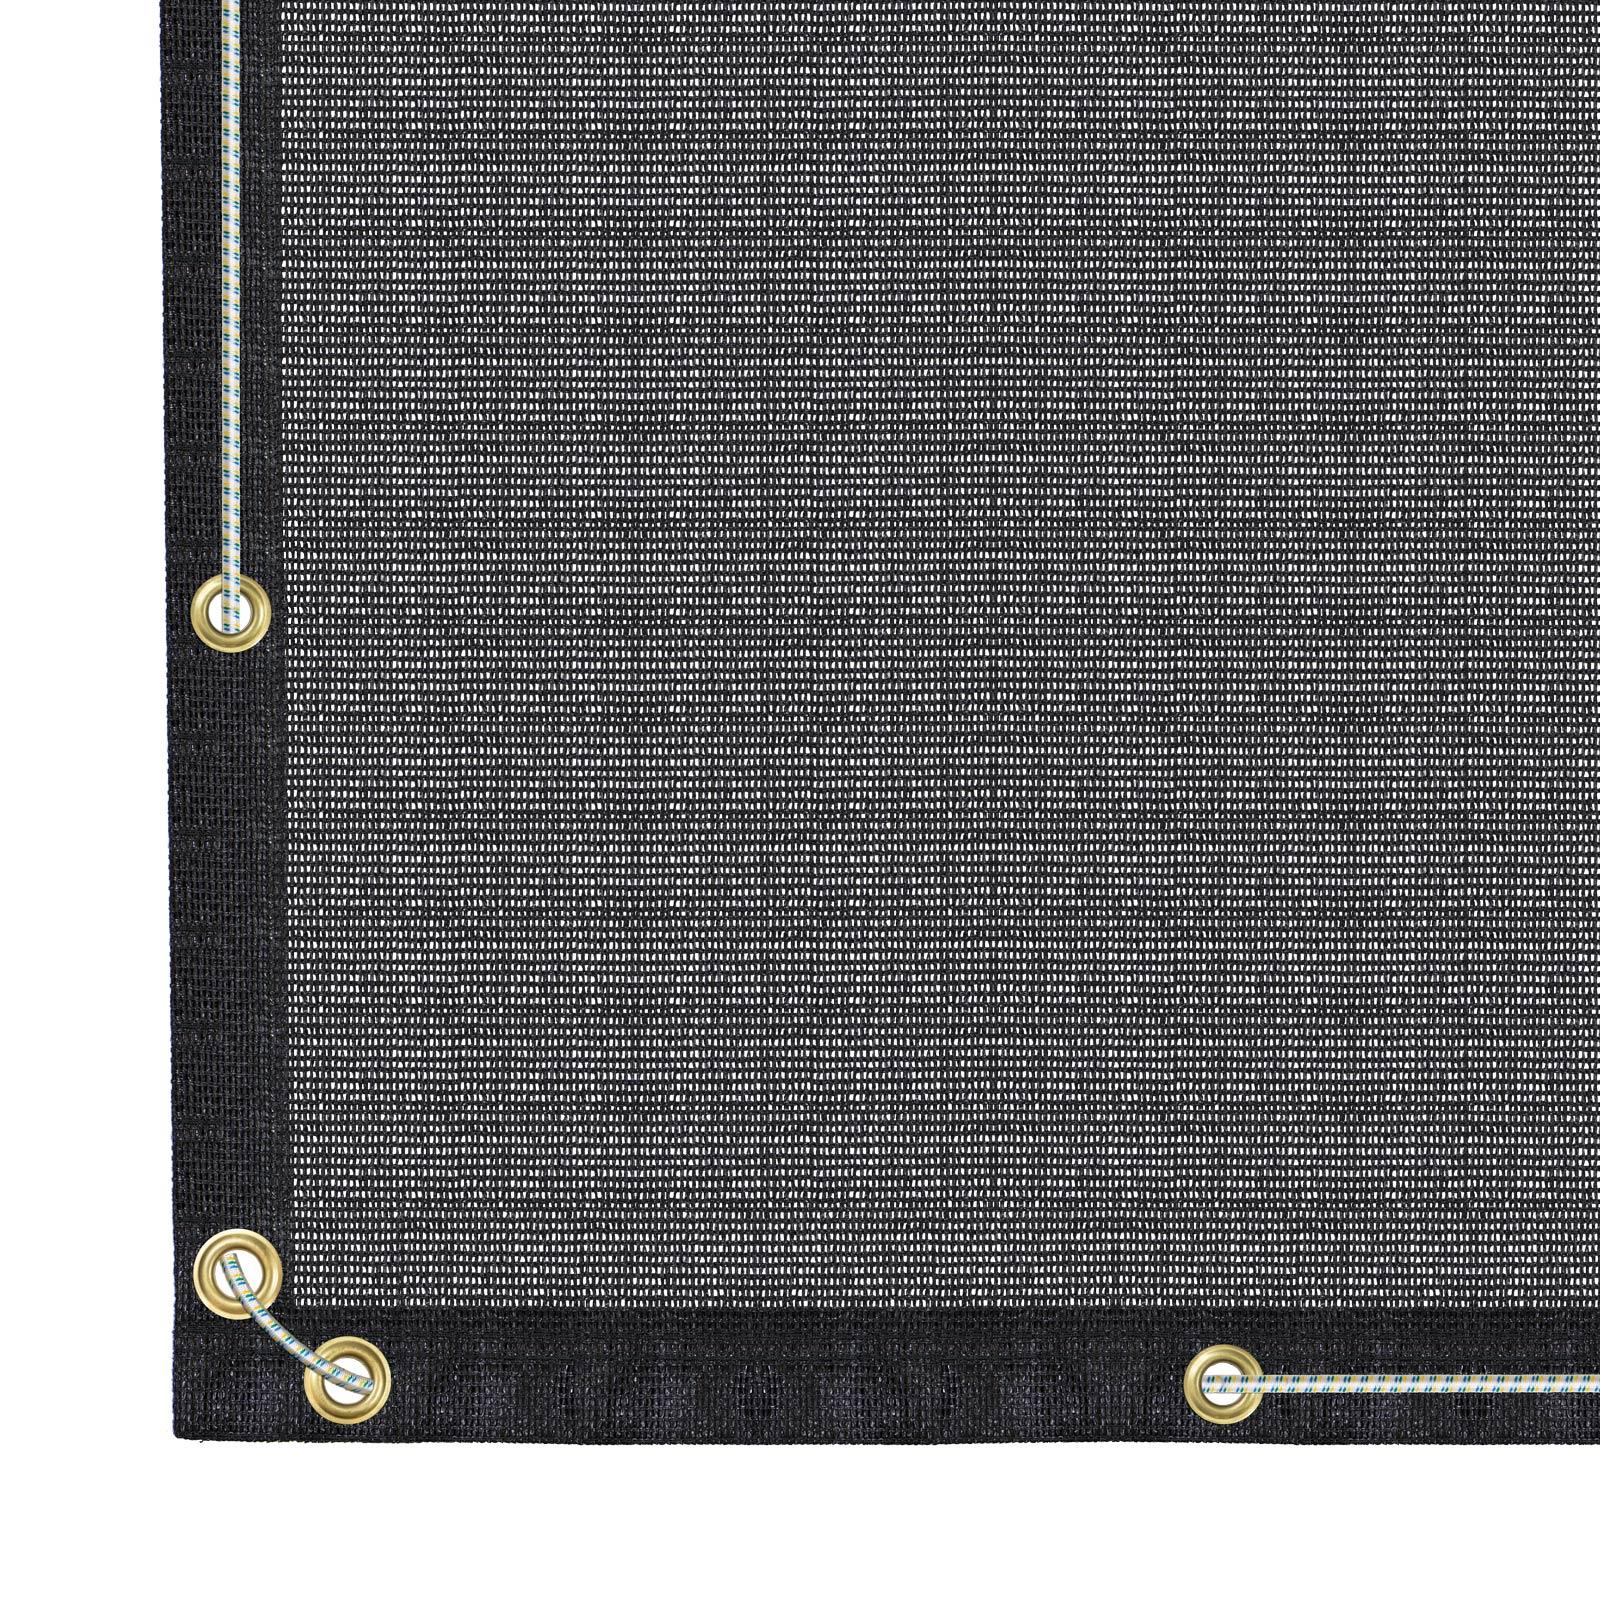 Anhängerplane 240 g|m² SP - 1,50 x 2,20 m schwarz